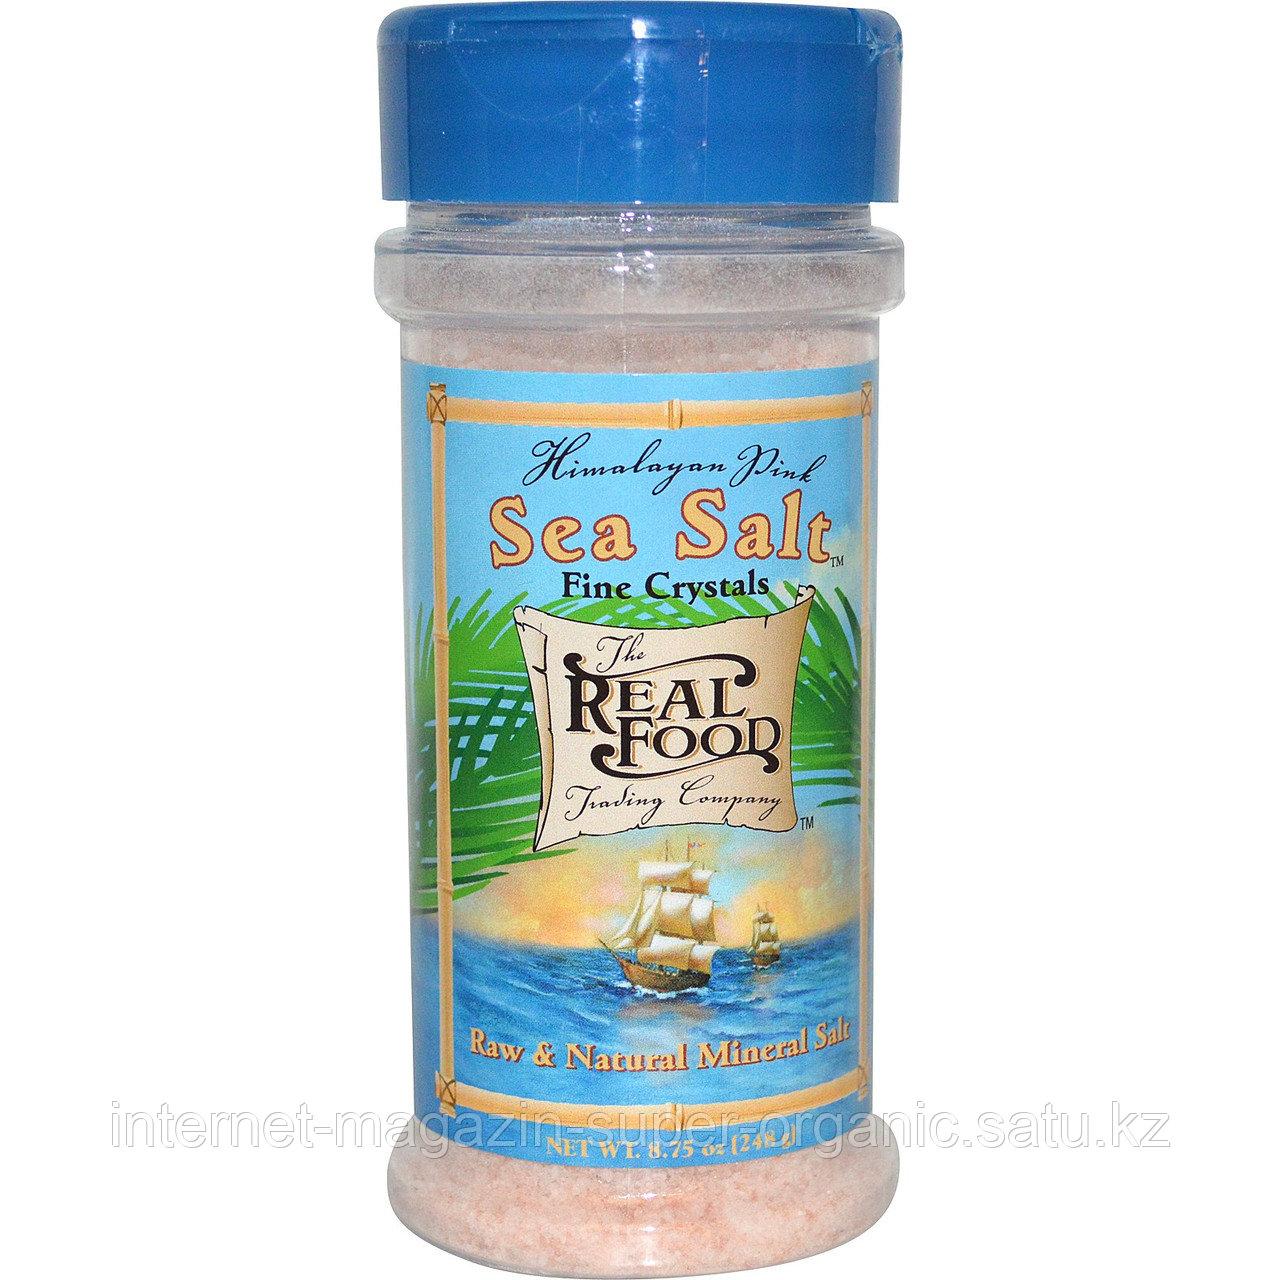 Гималайская розовая соль, 248 гр, баночка-солонка (Gimalayan pink Sea Salt)